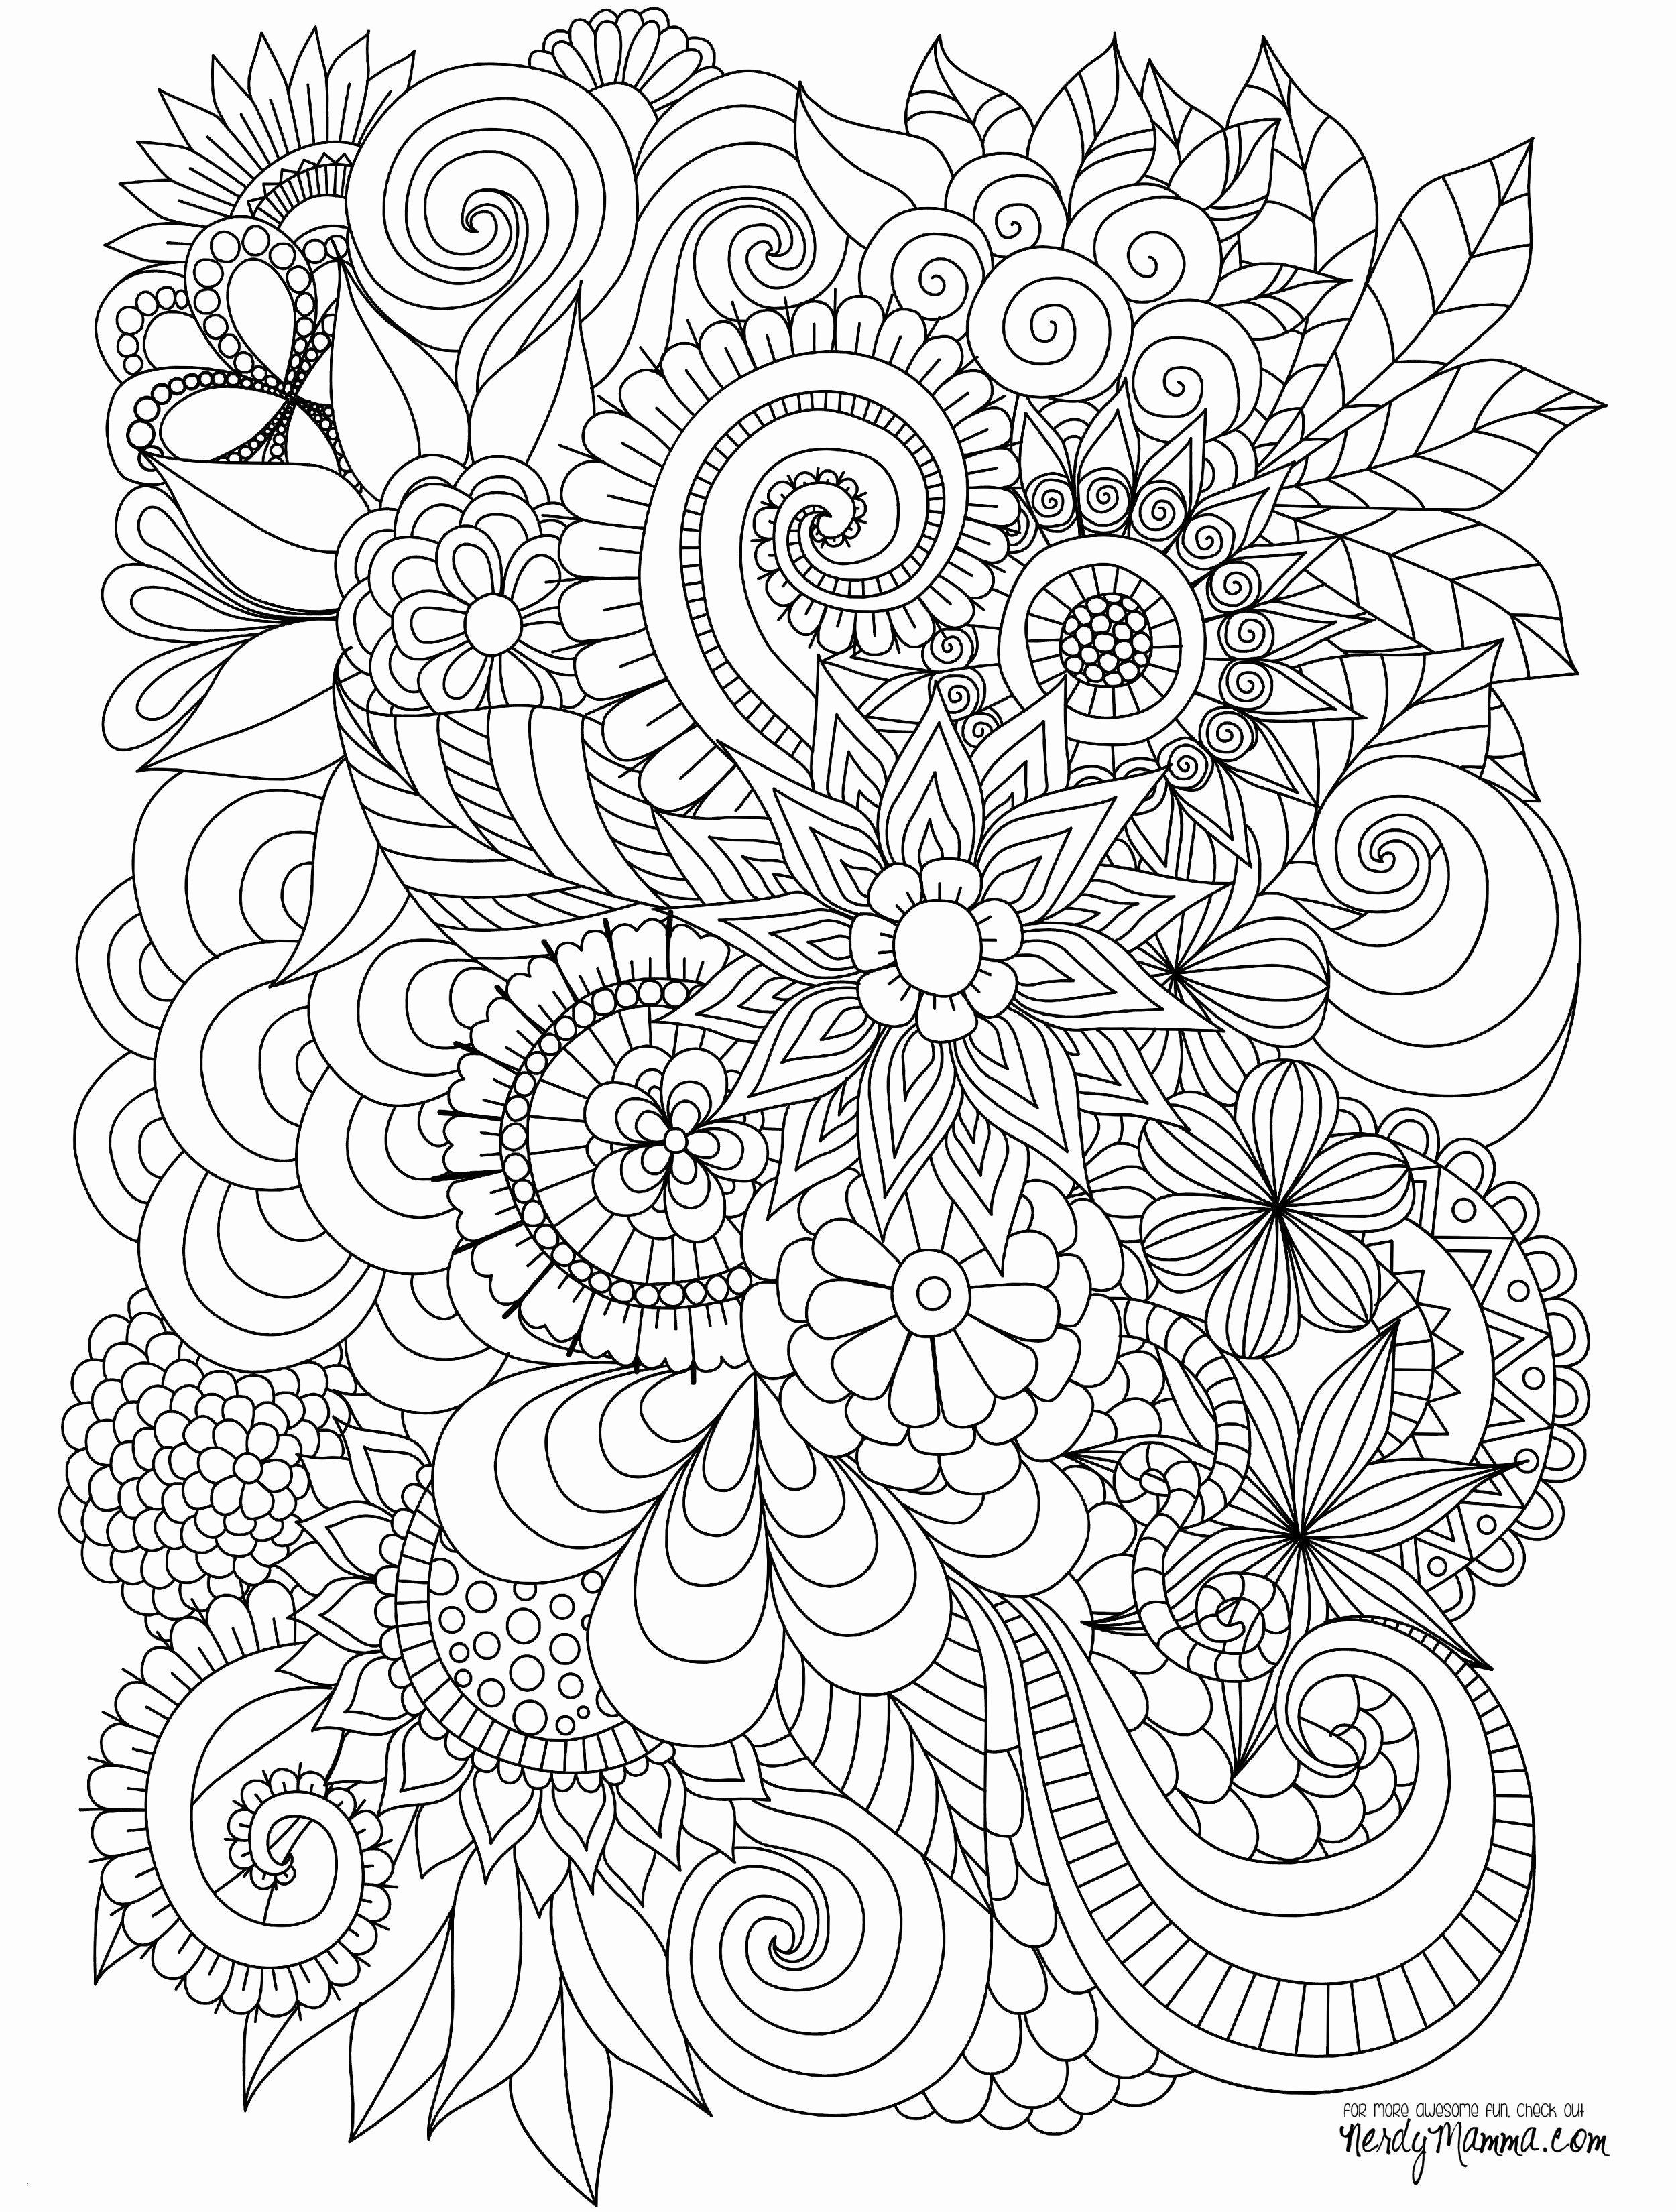 Einhorn Mandala Erwachsene Inspirierend Ausmalbilder Erwachsene Pdf Schön Druckbar Ausmalbilder Pdf Bild